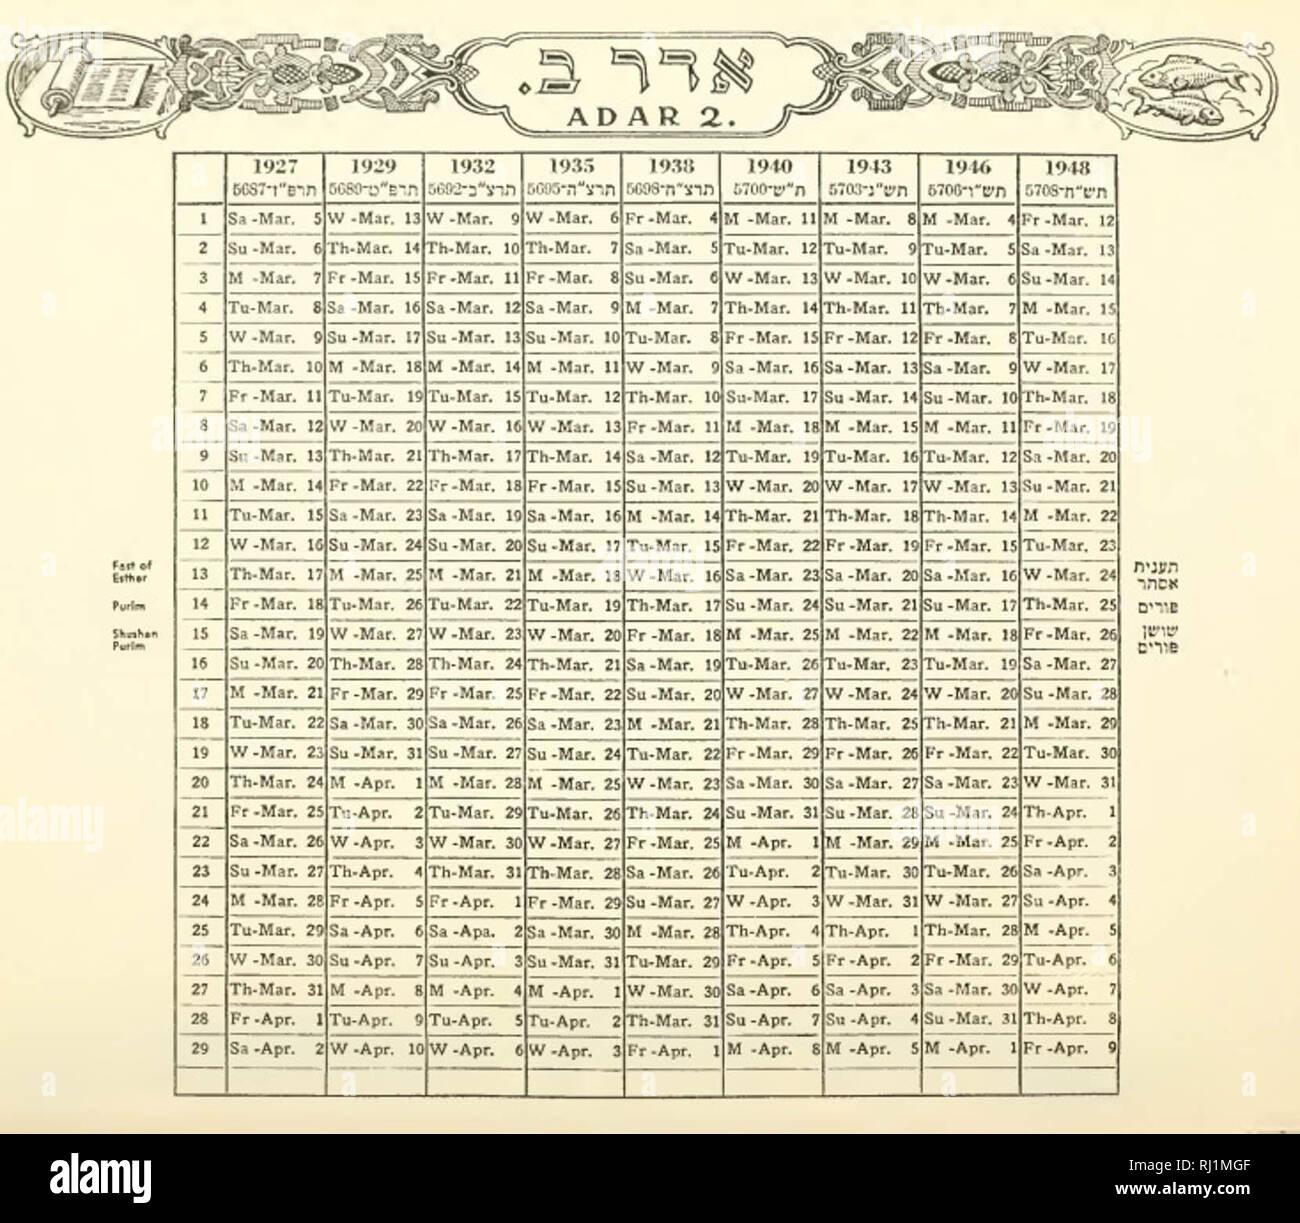 Calendrier Hebreu.Calendrier Juif Photos Calendrier Juif Images Alamy